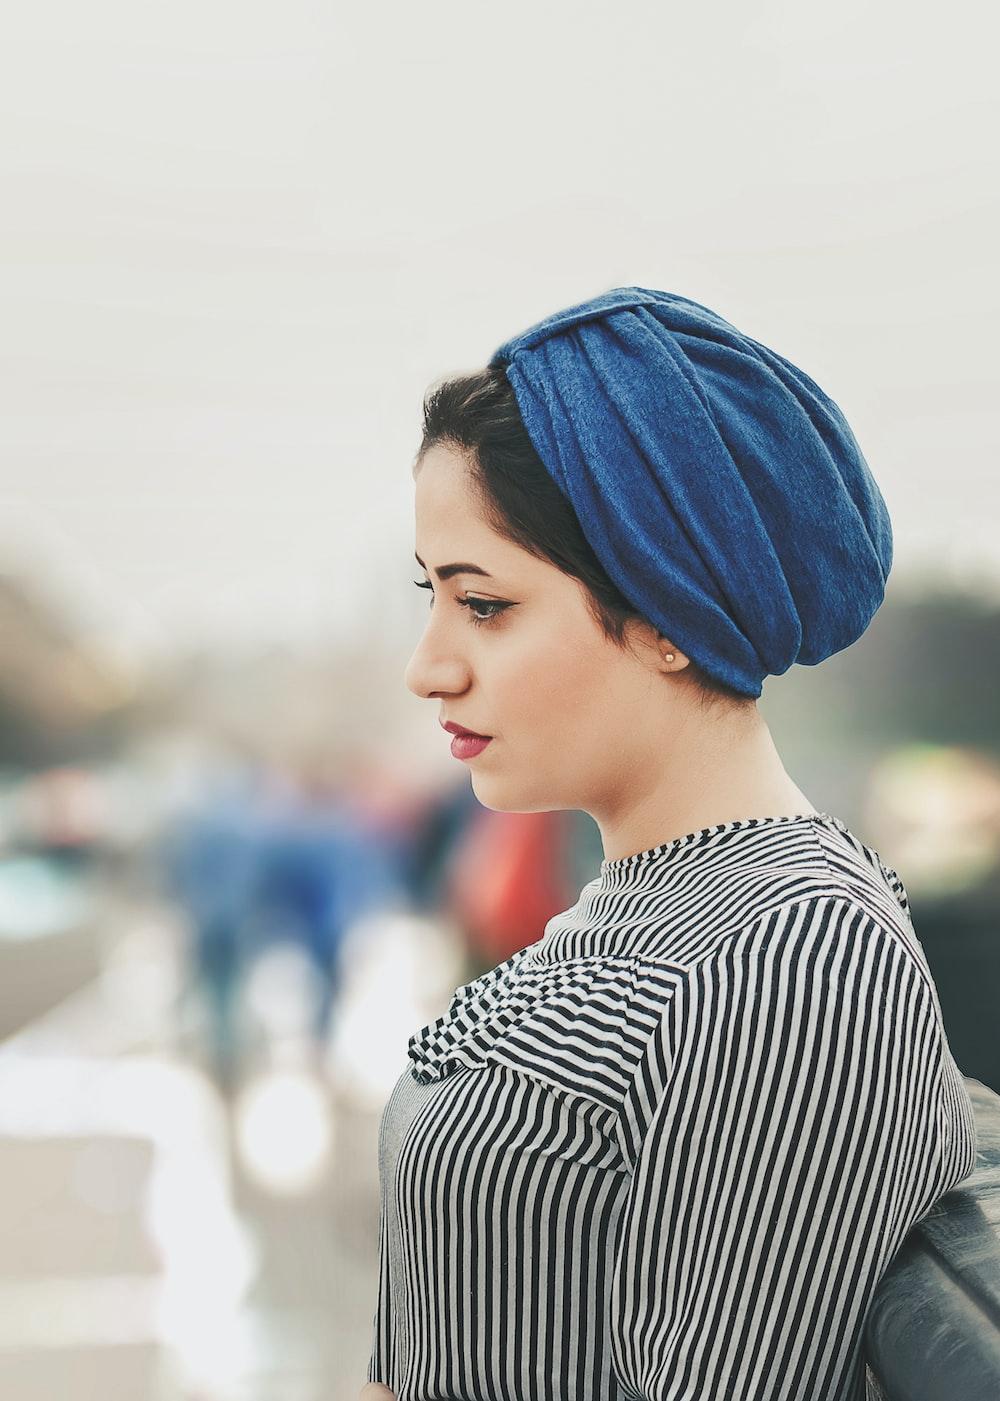 woman wearing blue headdress